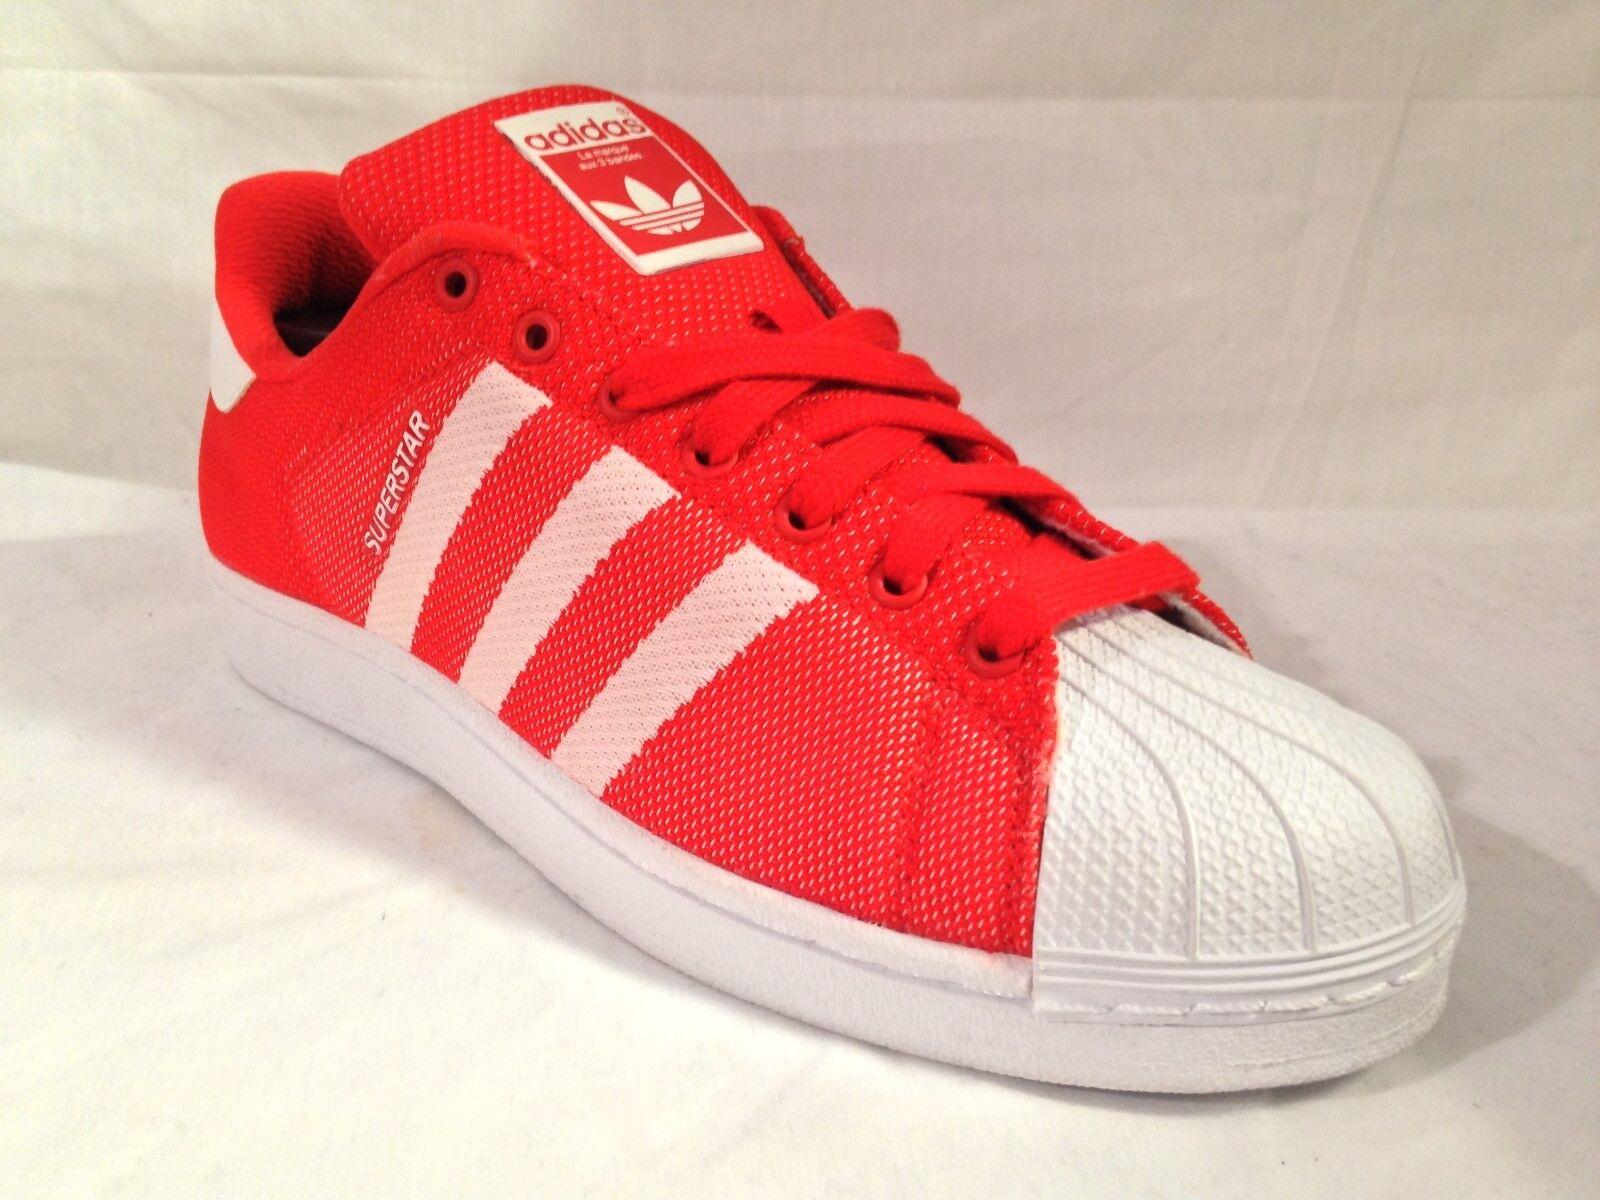 Para Hombre BB4976 Adidas superstar tejido Rojo/Blanco/Rojo BB4976 Hombre tamaños: _ 8 _ 8.5 49b484